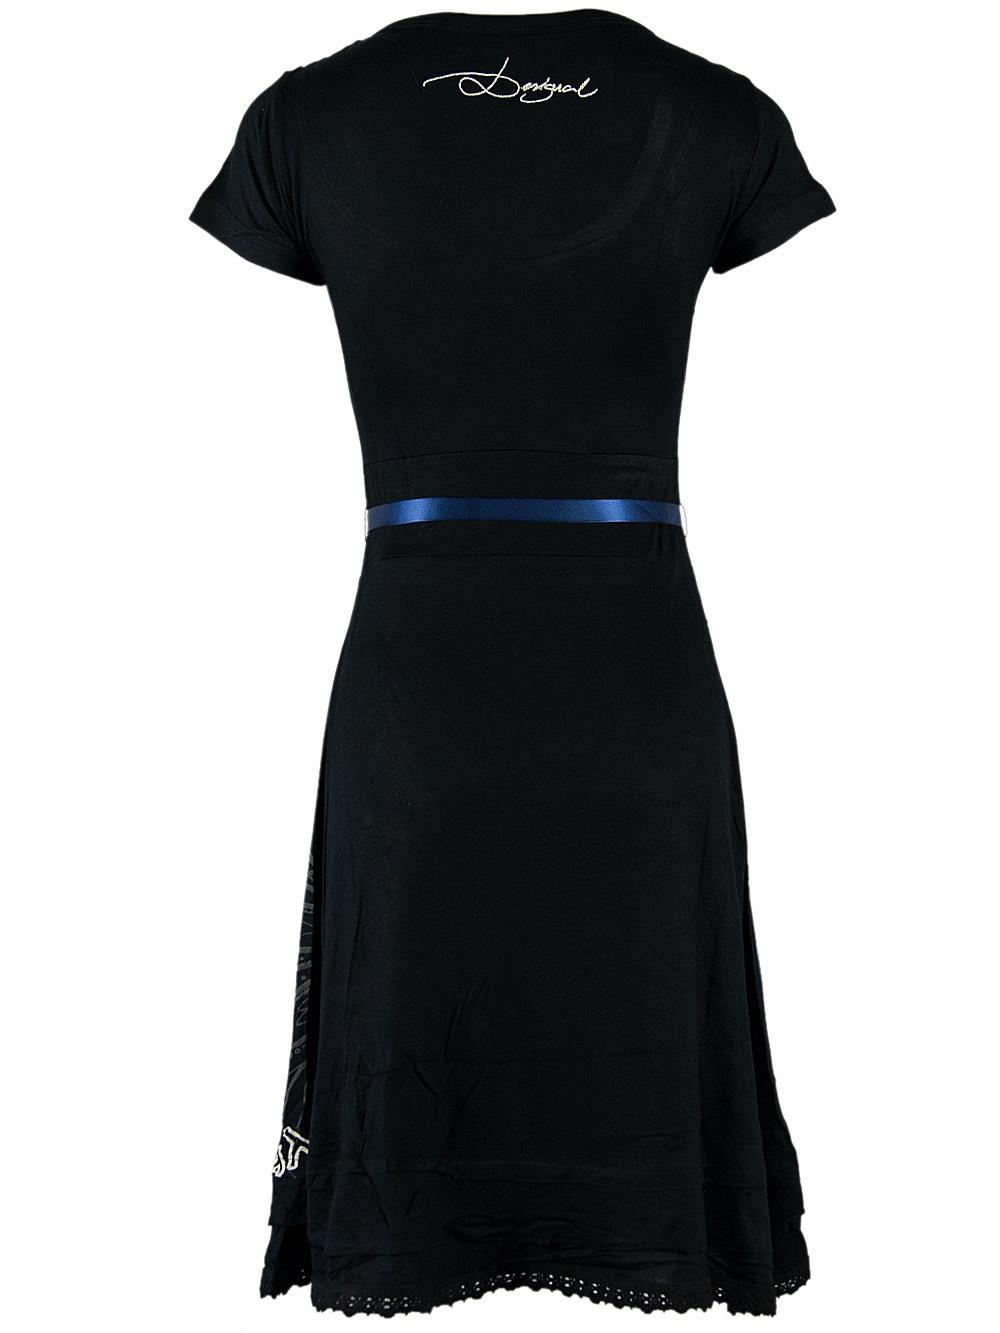 15 Einfach Damen Kleid Schwarz SpezialgebietDesigner Cool Damen Kleid Schwarz Ärmel